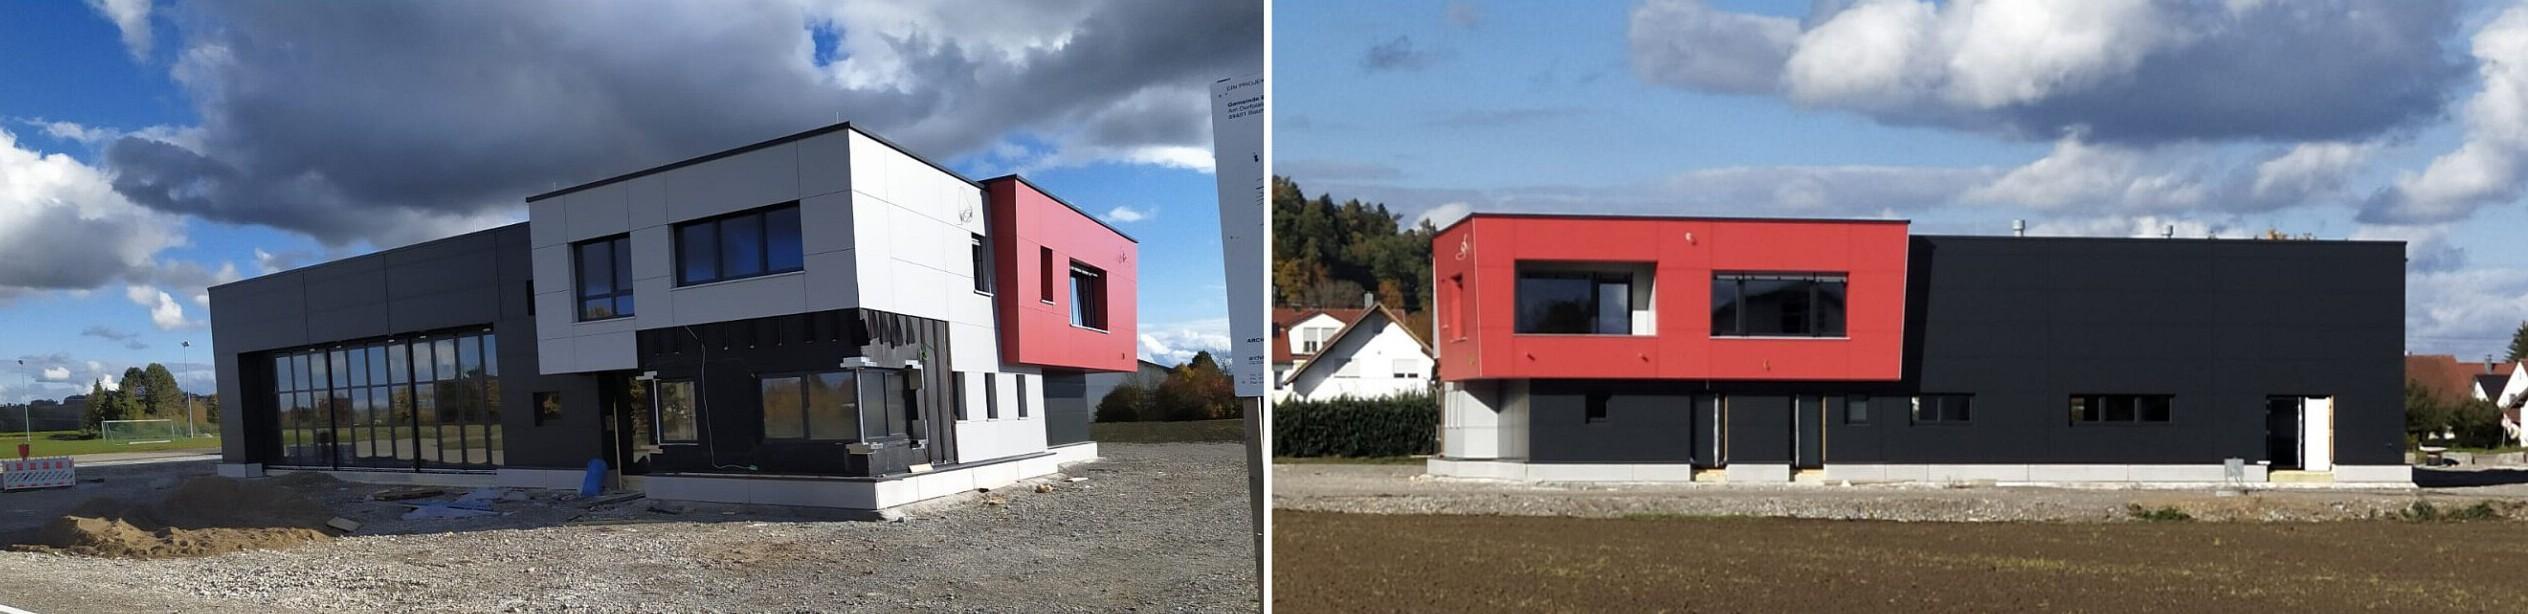 Einweihung Feuerwehrhaus Balzheim